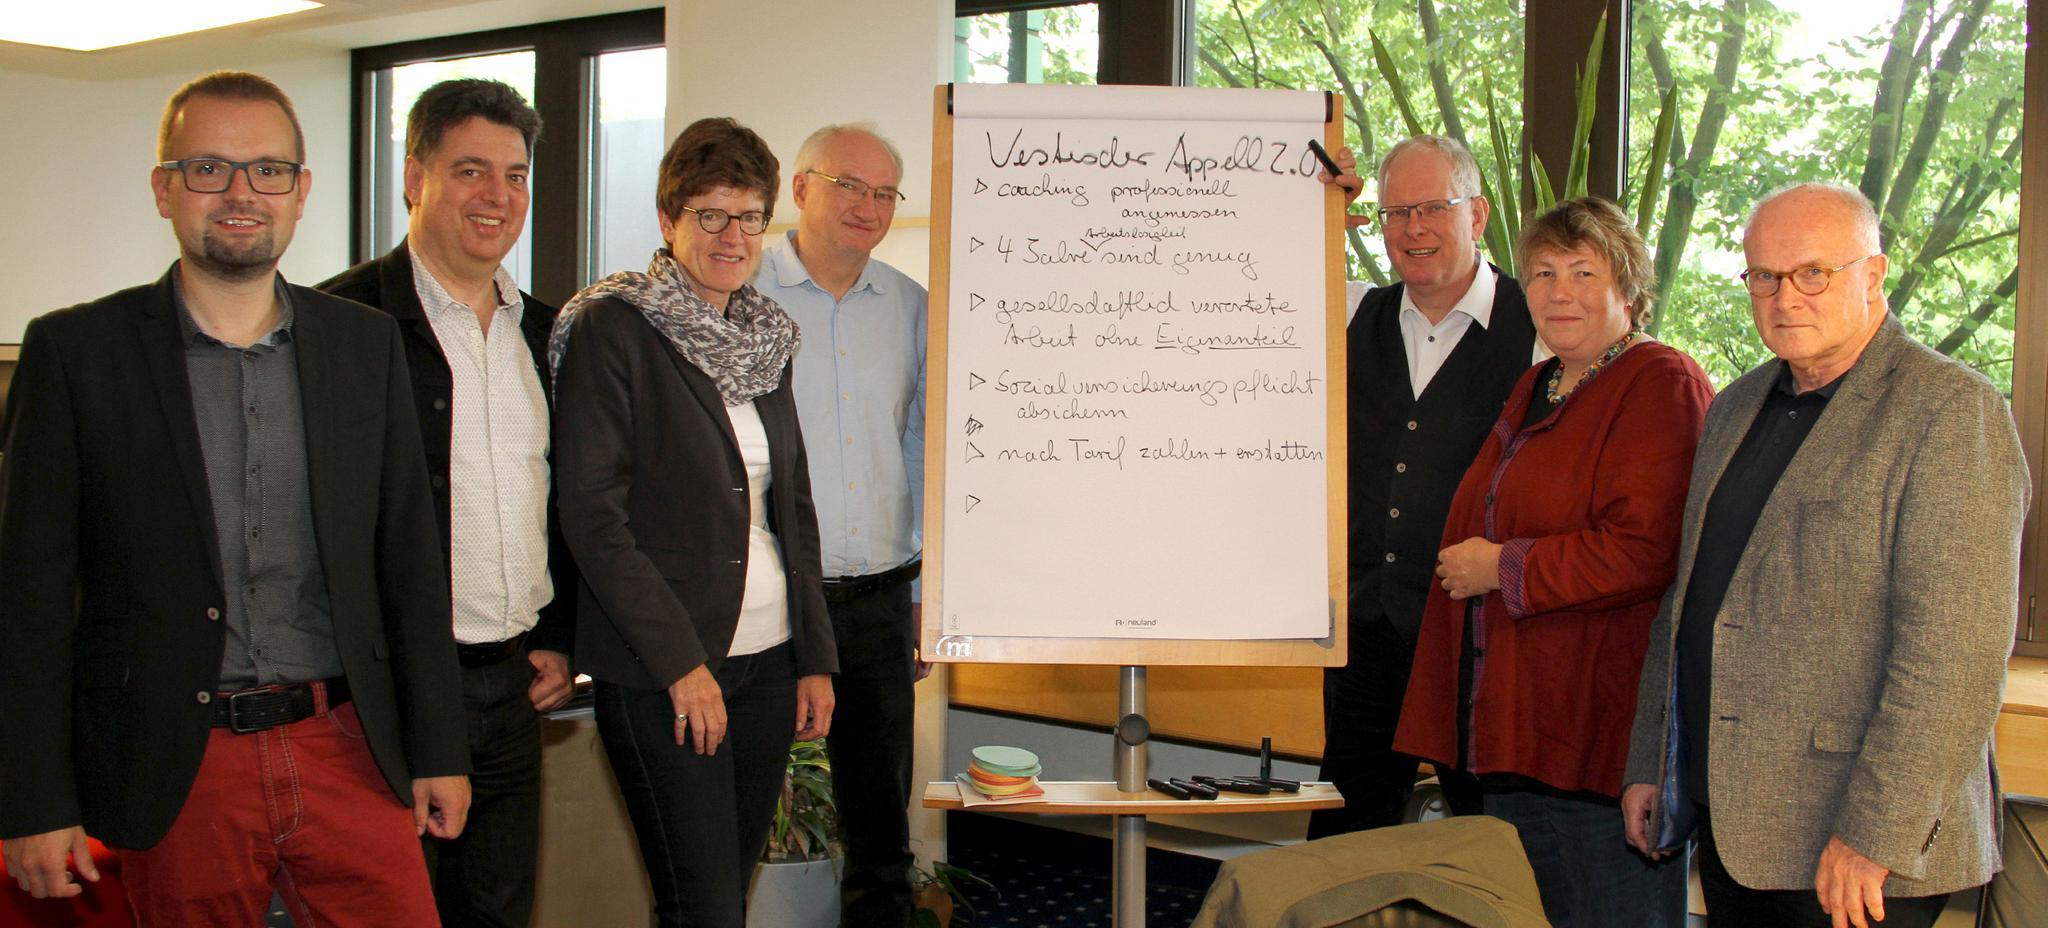 DGB und Kirchen im Kreis Recklinghausen stellen Forderungen zur Umsetzung des Sozialen Arbeitsmarkts